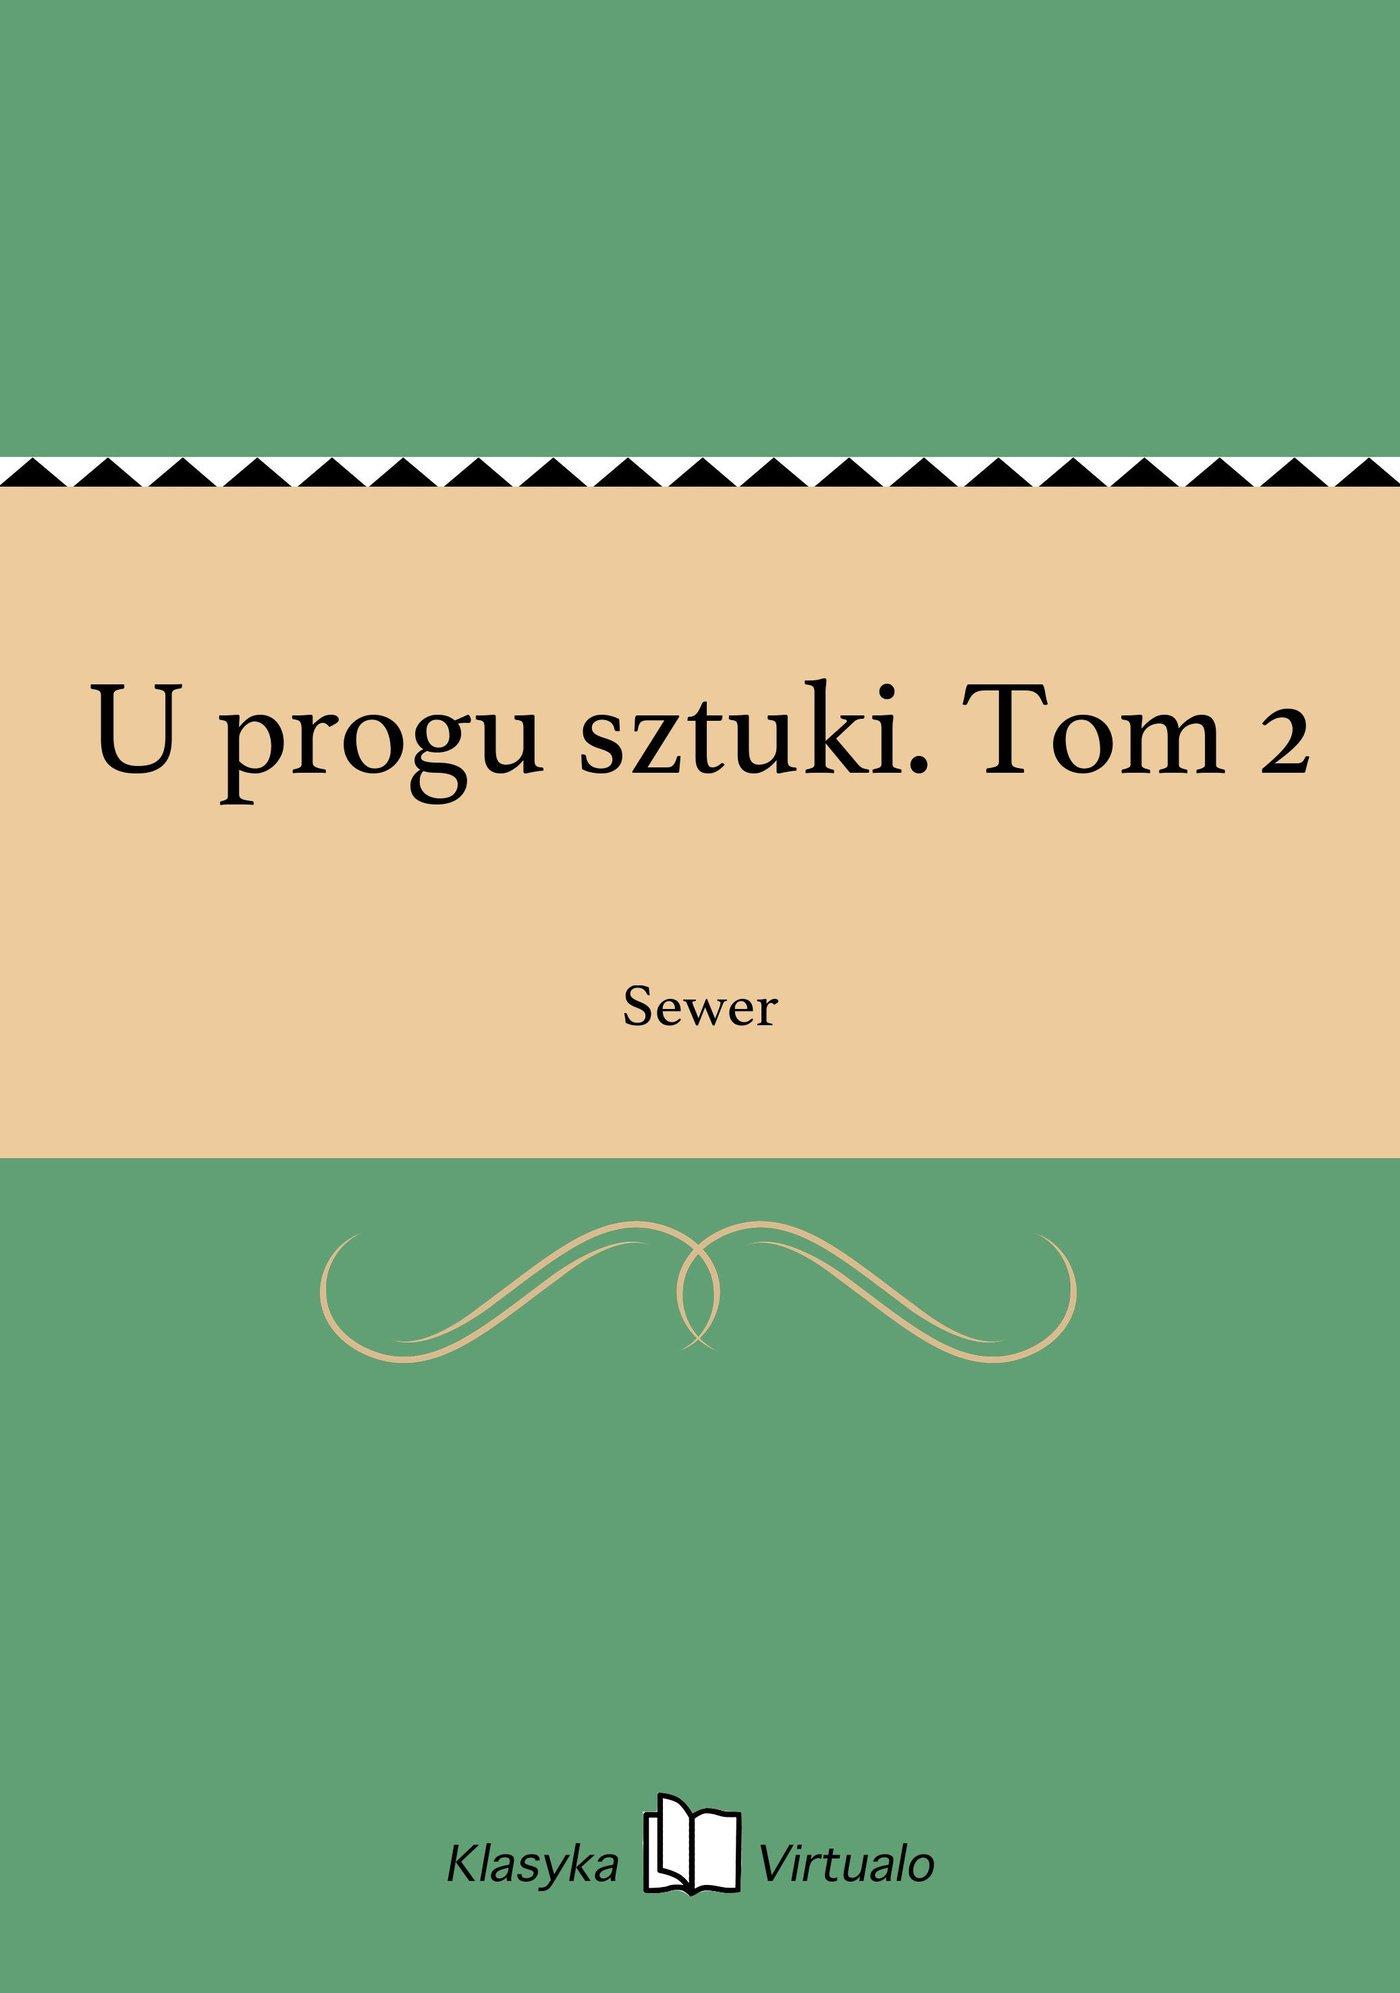 U progu sztuki. Tom 2 - Ebook (Książka EPUB) do pobrania w formacie EPUB